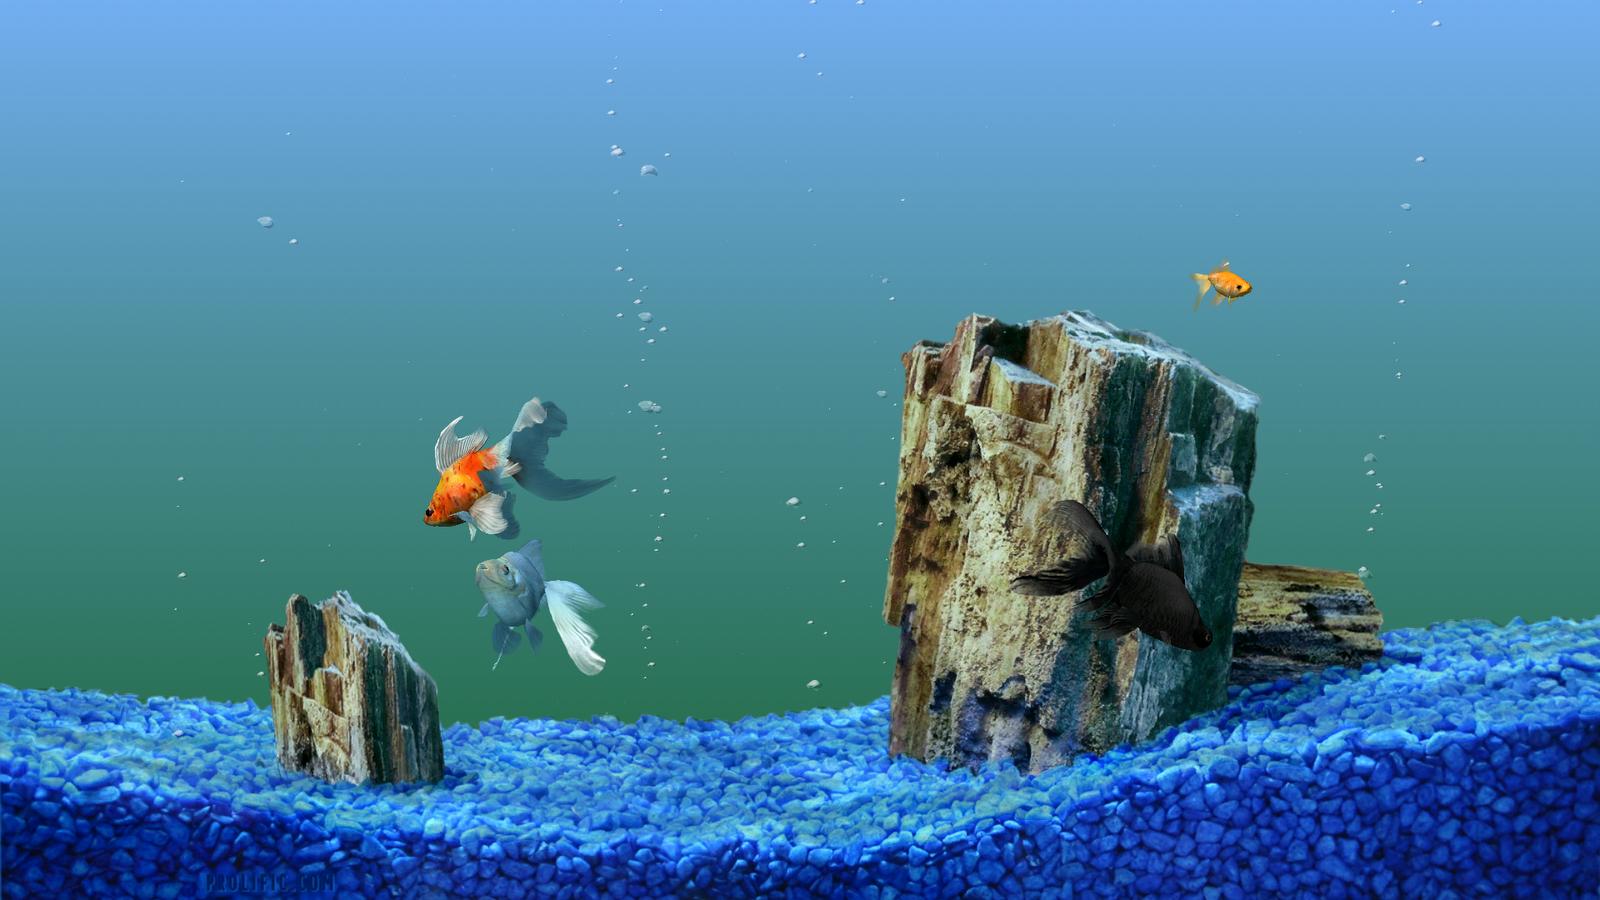 Virtual fish tank aquarium google - Kelsey Chen Fish Tank Wallpaper Hd